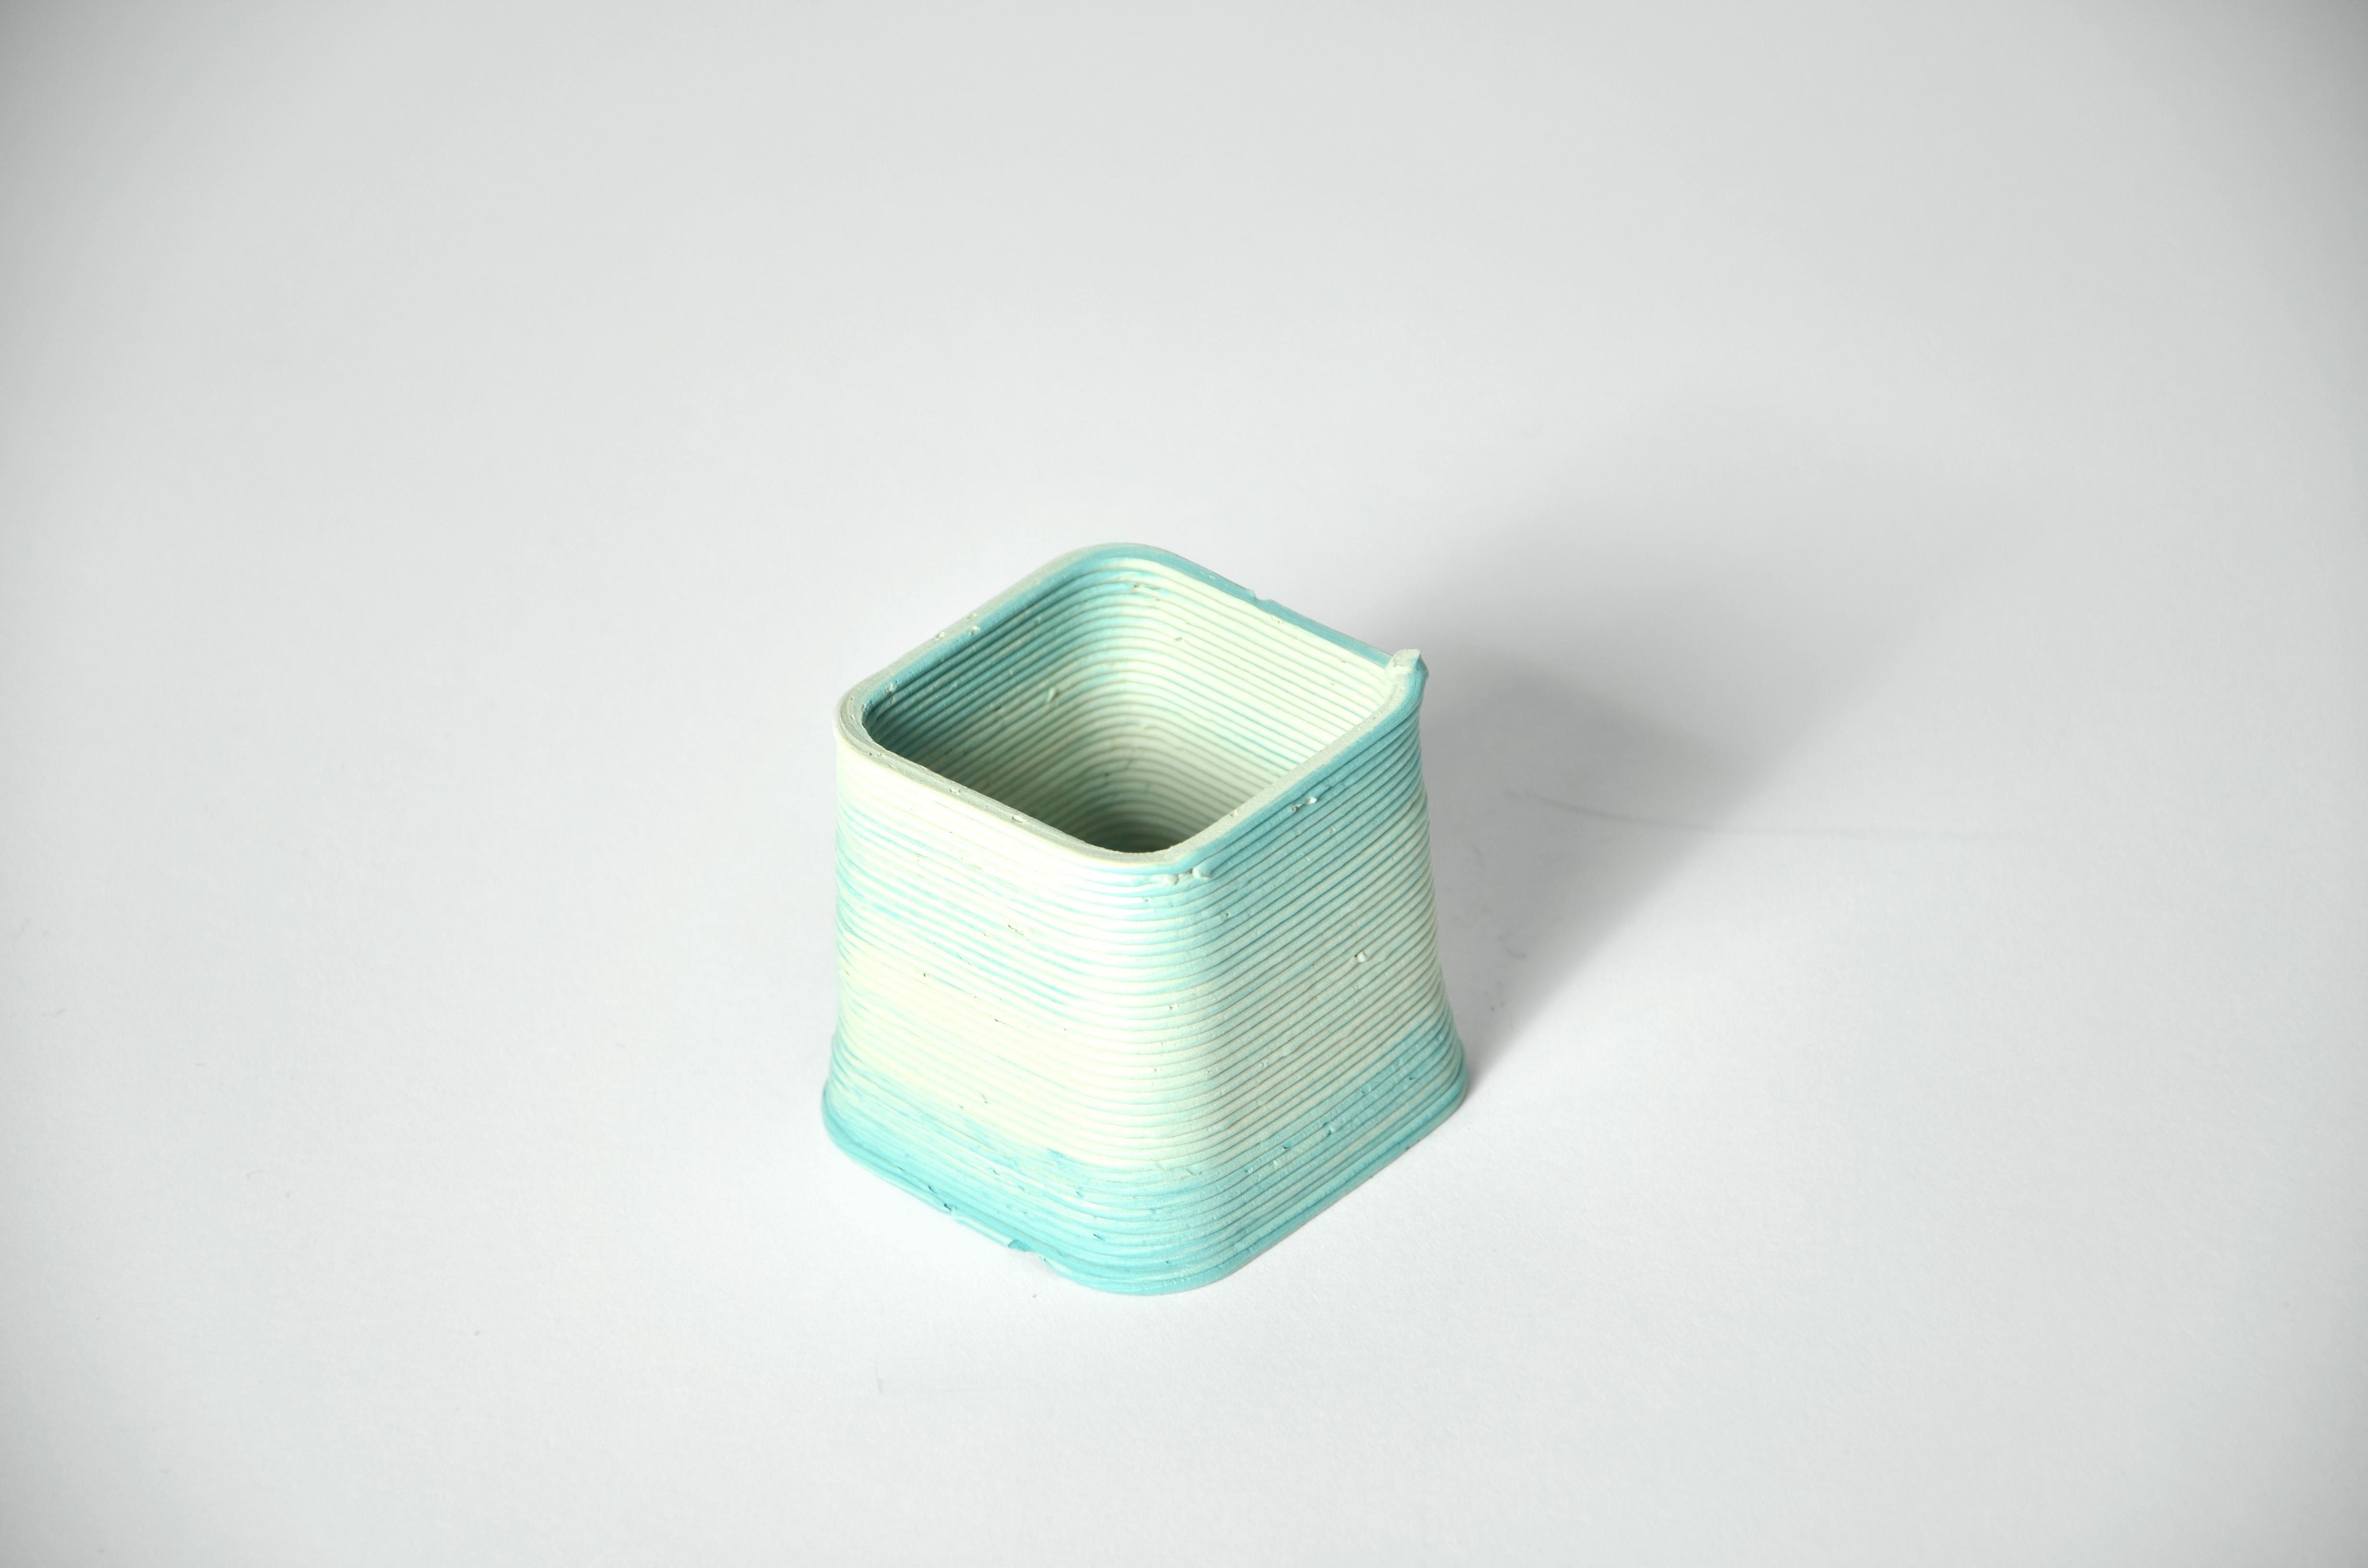 2DSC_9556